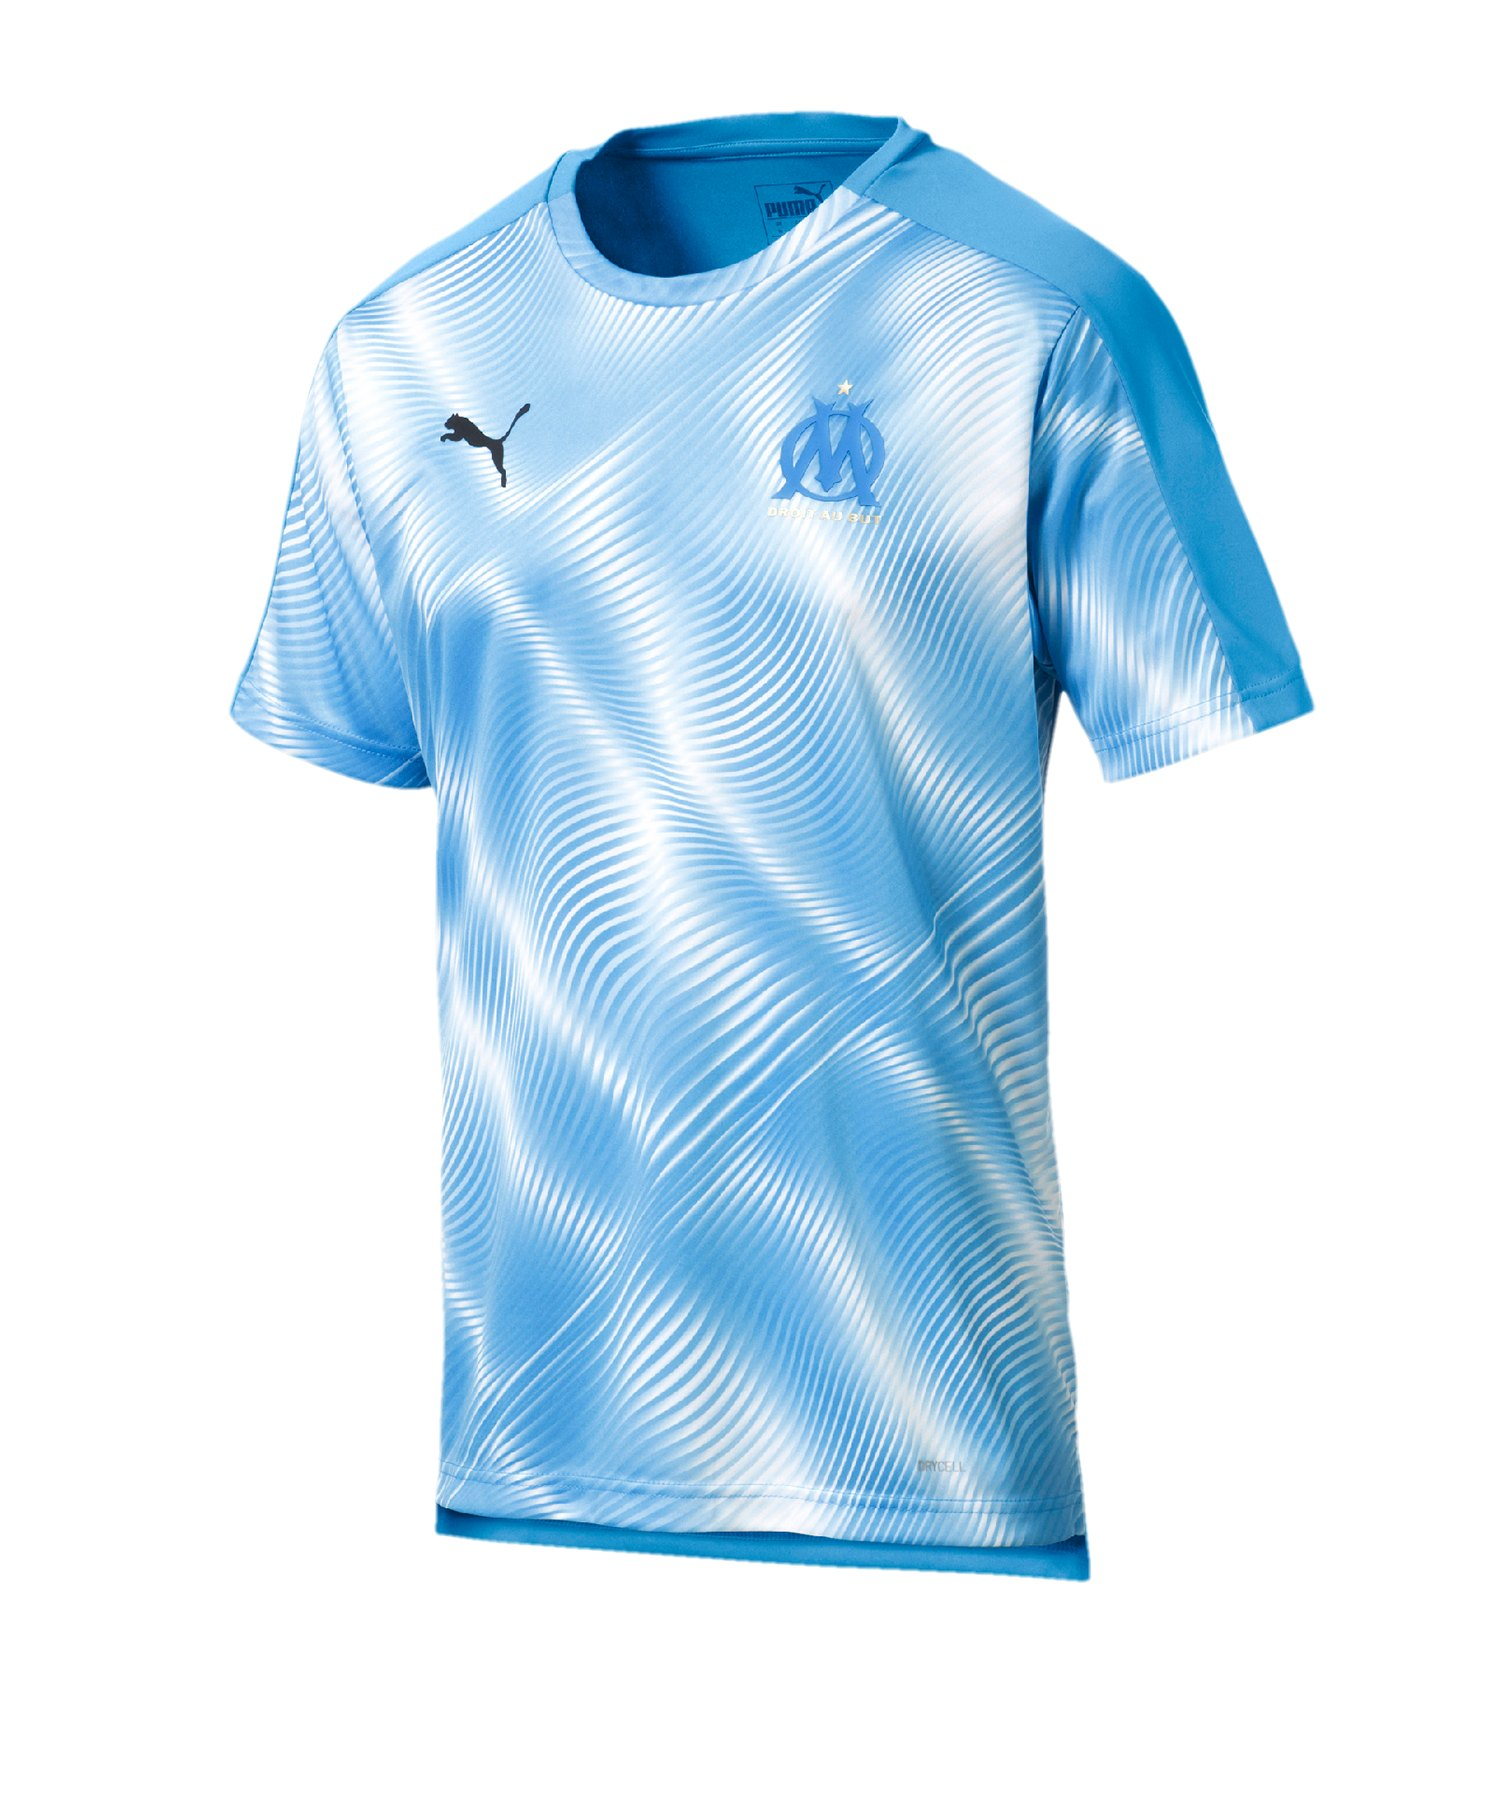 PUMA Olympique Marseille Prematch Shirt Blau F02 - Blau